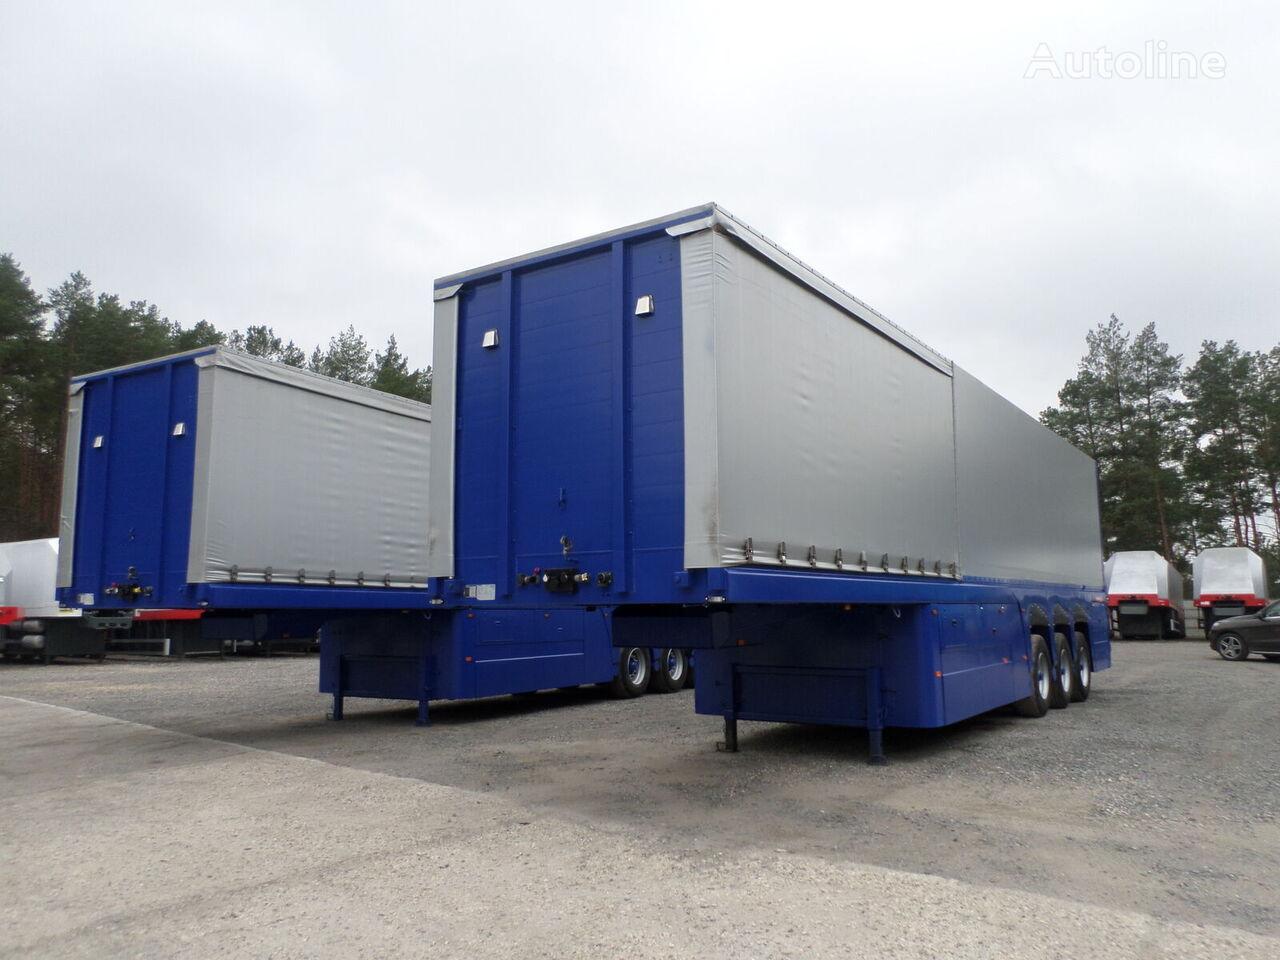 LANGENDORF DO SZKŁA PŁYT BETONOWYCH Inloader GLASS 2009 9,50 m glass transport semi-trailer